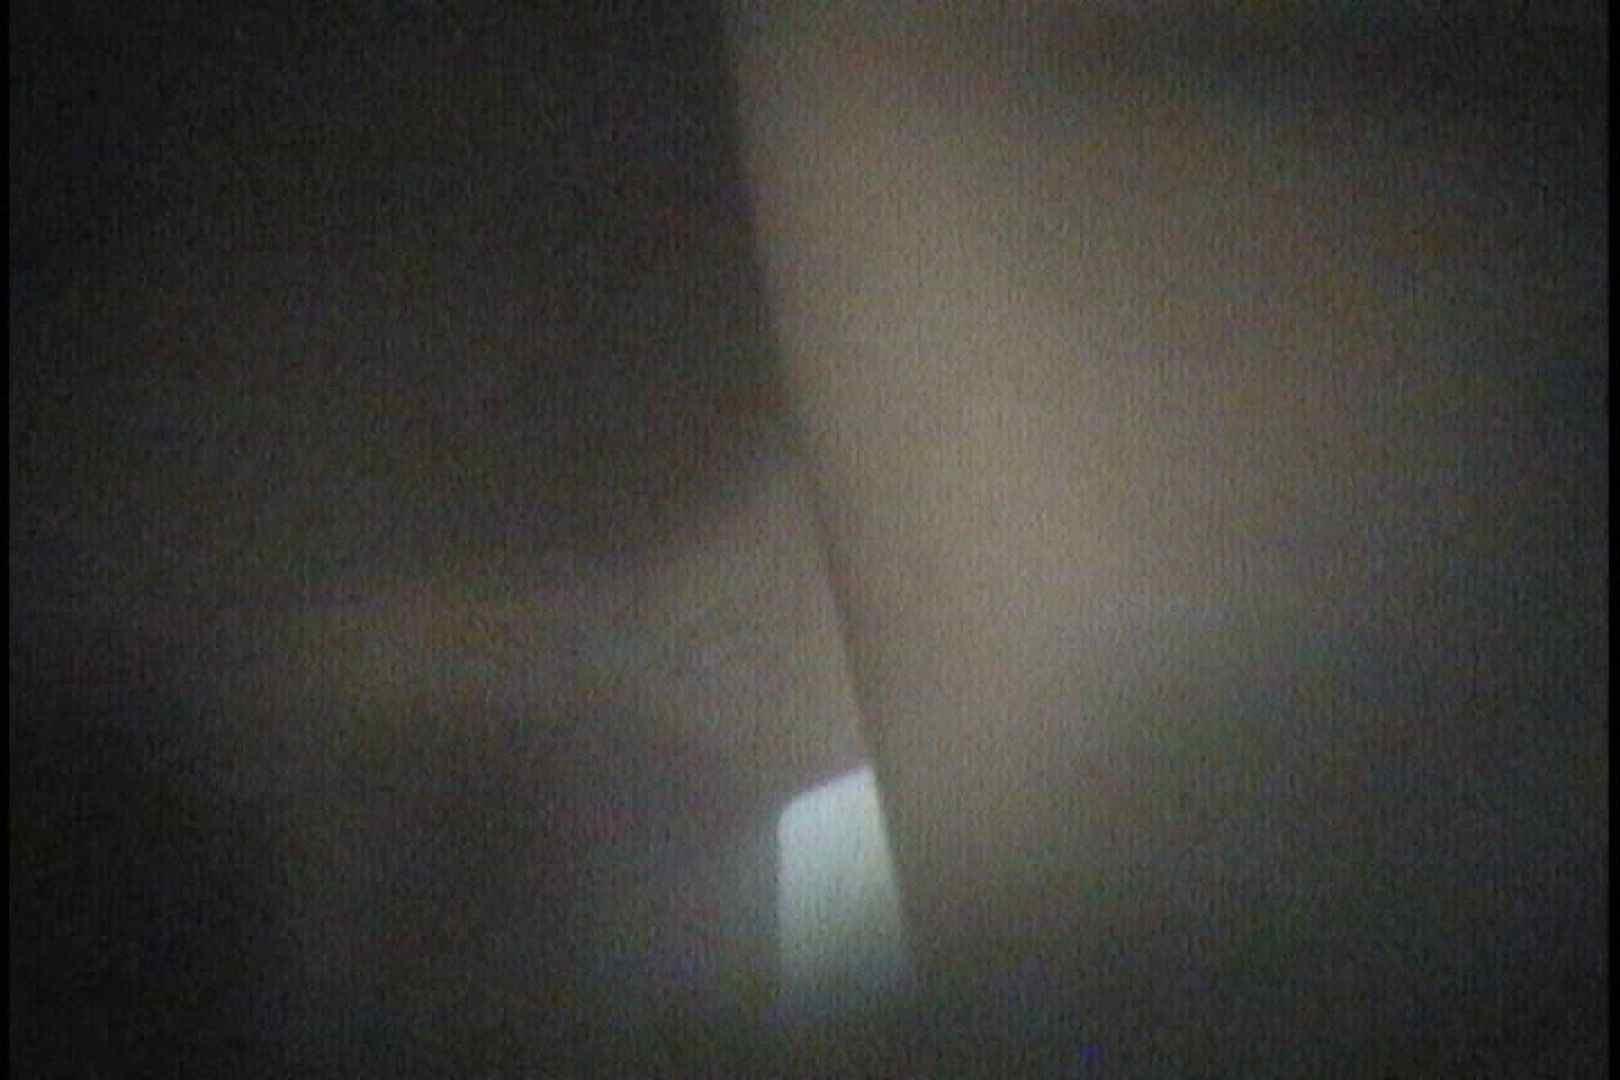 トイレ盗撮|No.83 色白と日焼け跡のコントラストが卑猥|怪盗ジョーカー